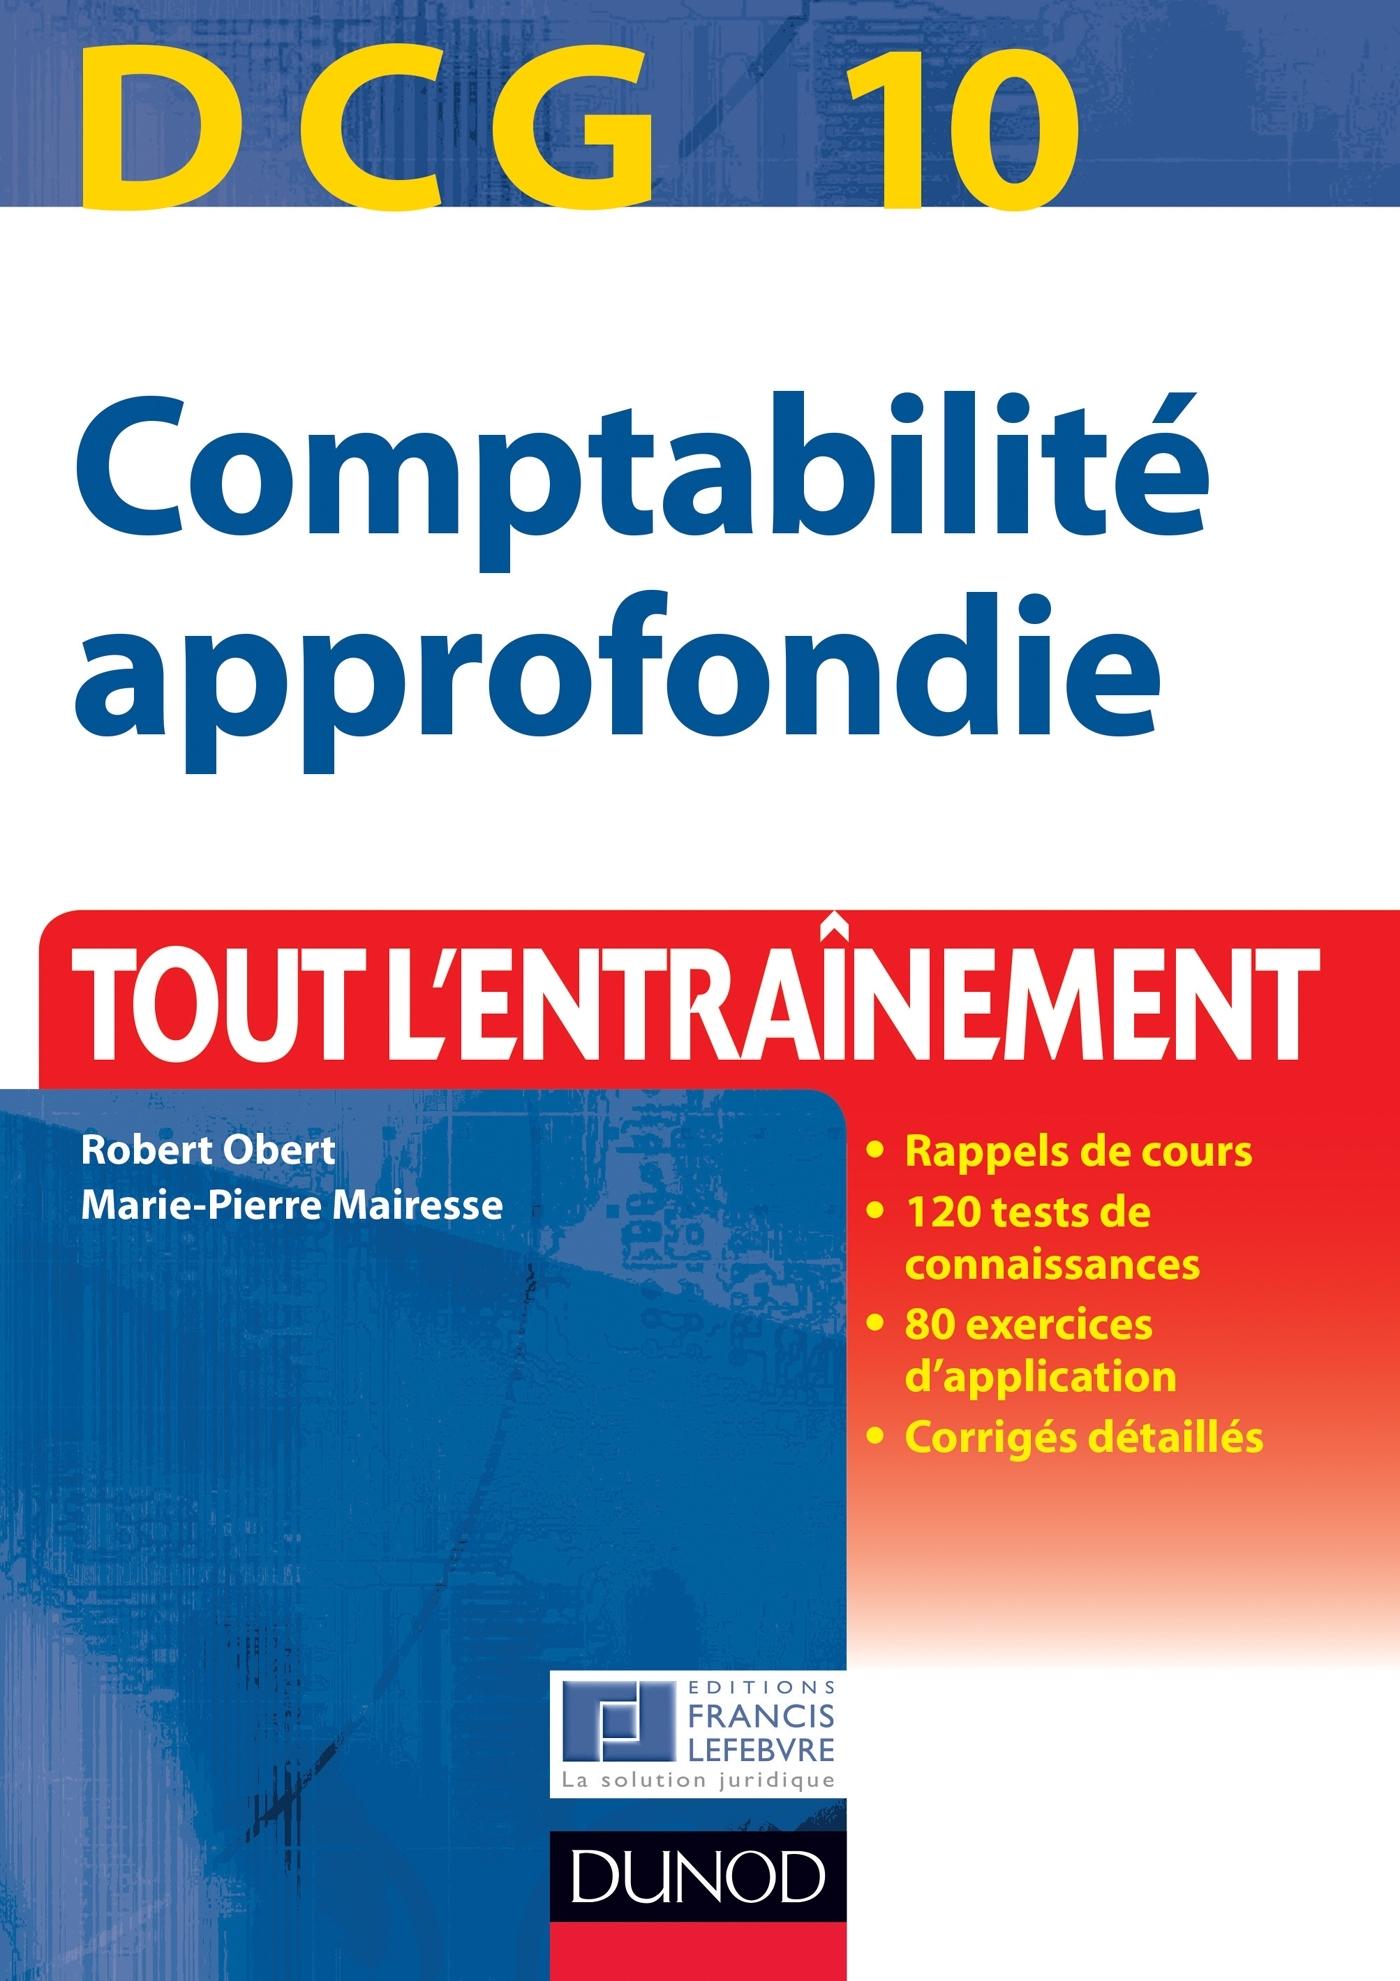 DCG 10 - COMPTABILITE APPROFONDIE - 4E EDITION - TOUT L'ENTRAINEMENT